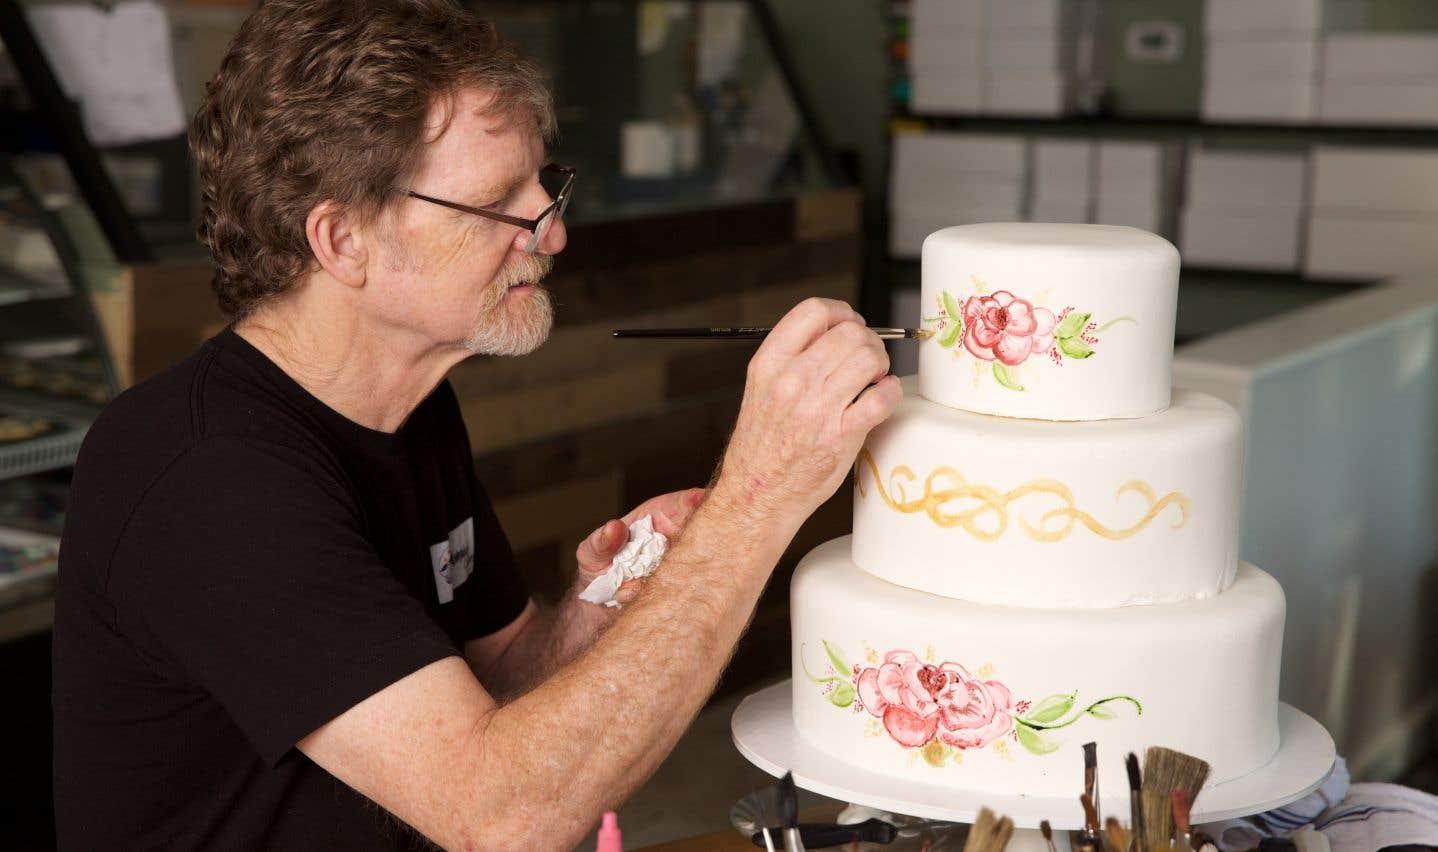 États-Unis: peut-on refuser un gâteau «artistique» à un couple gai?